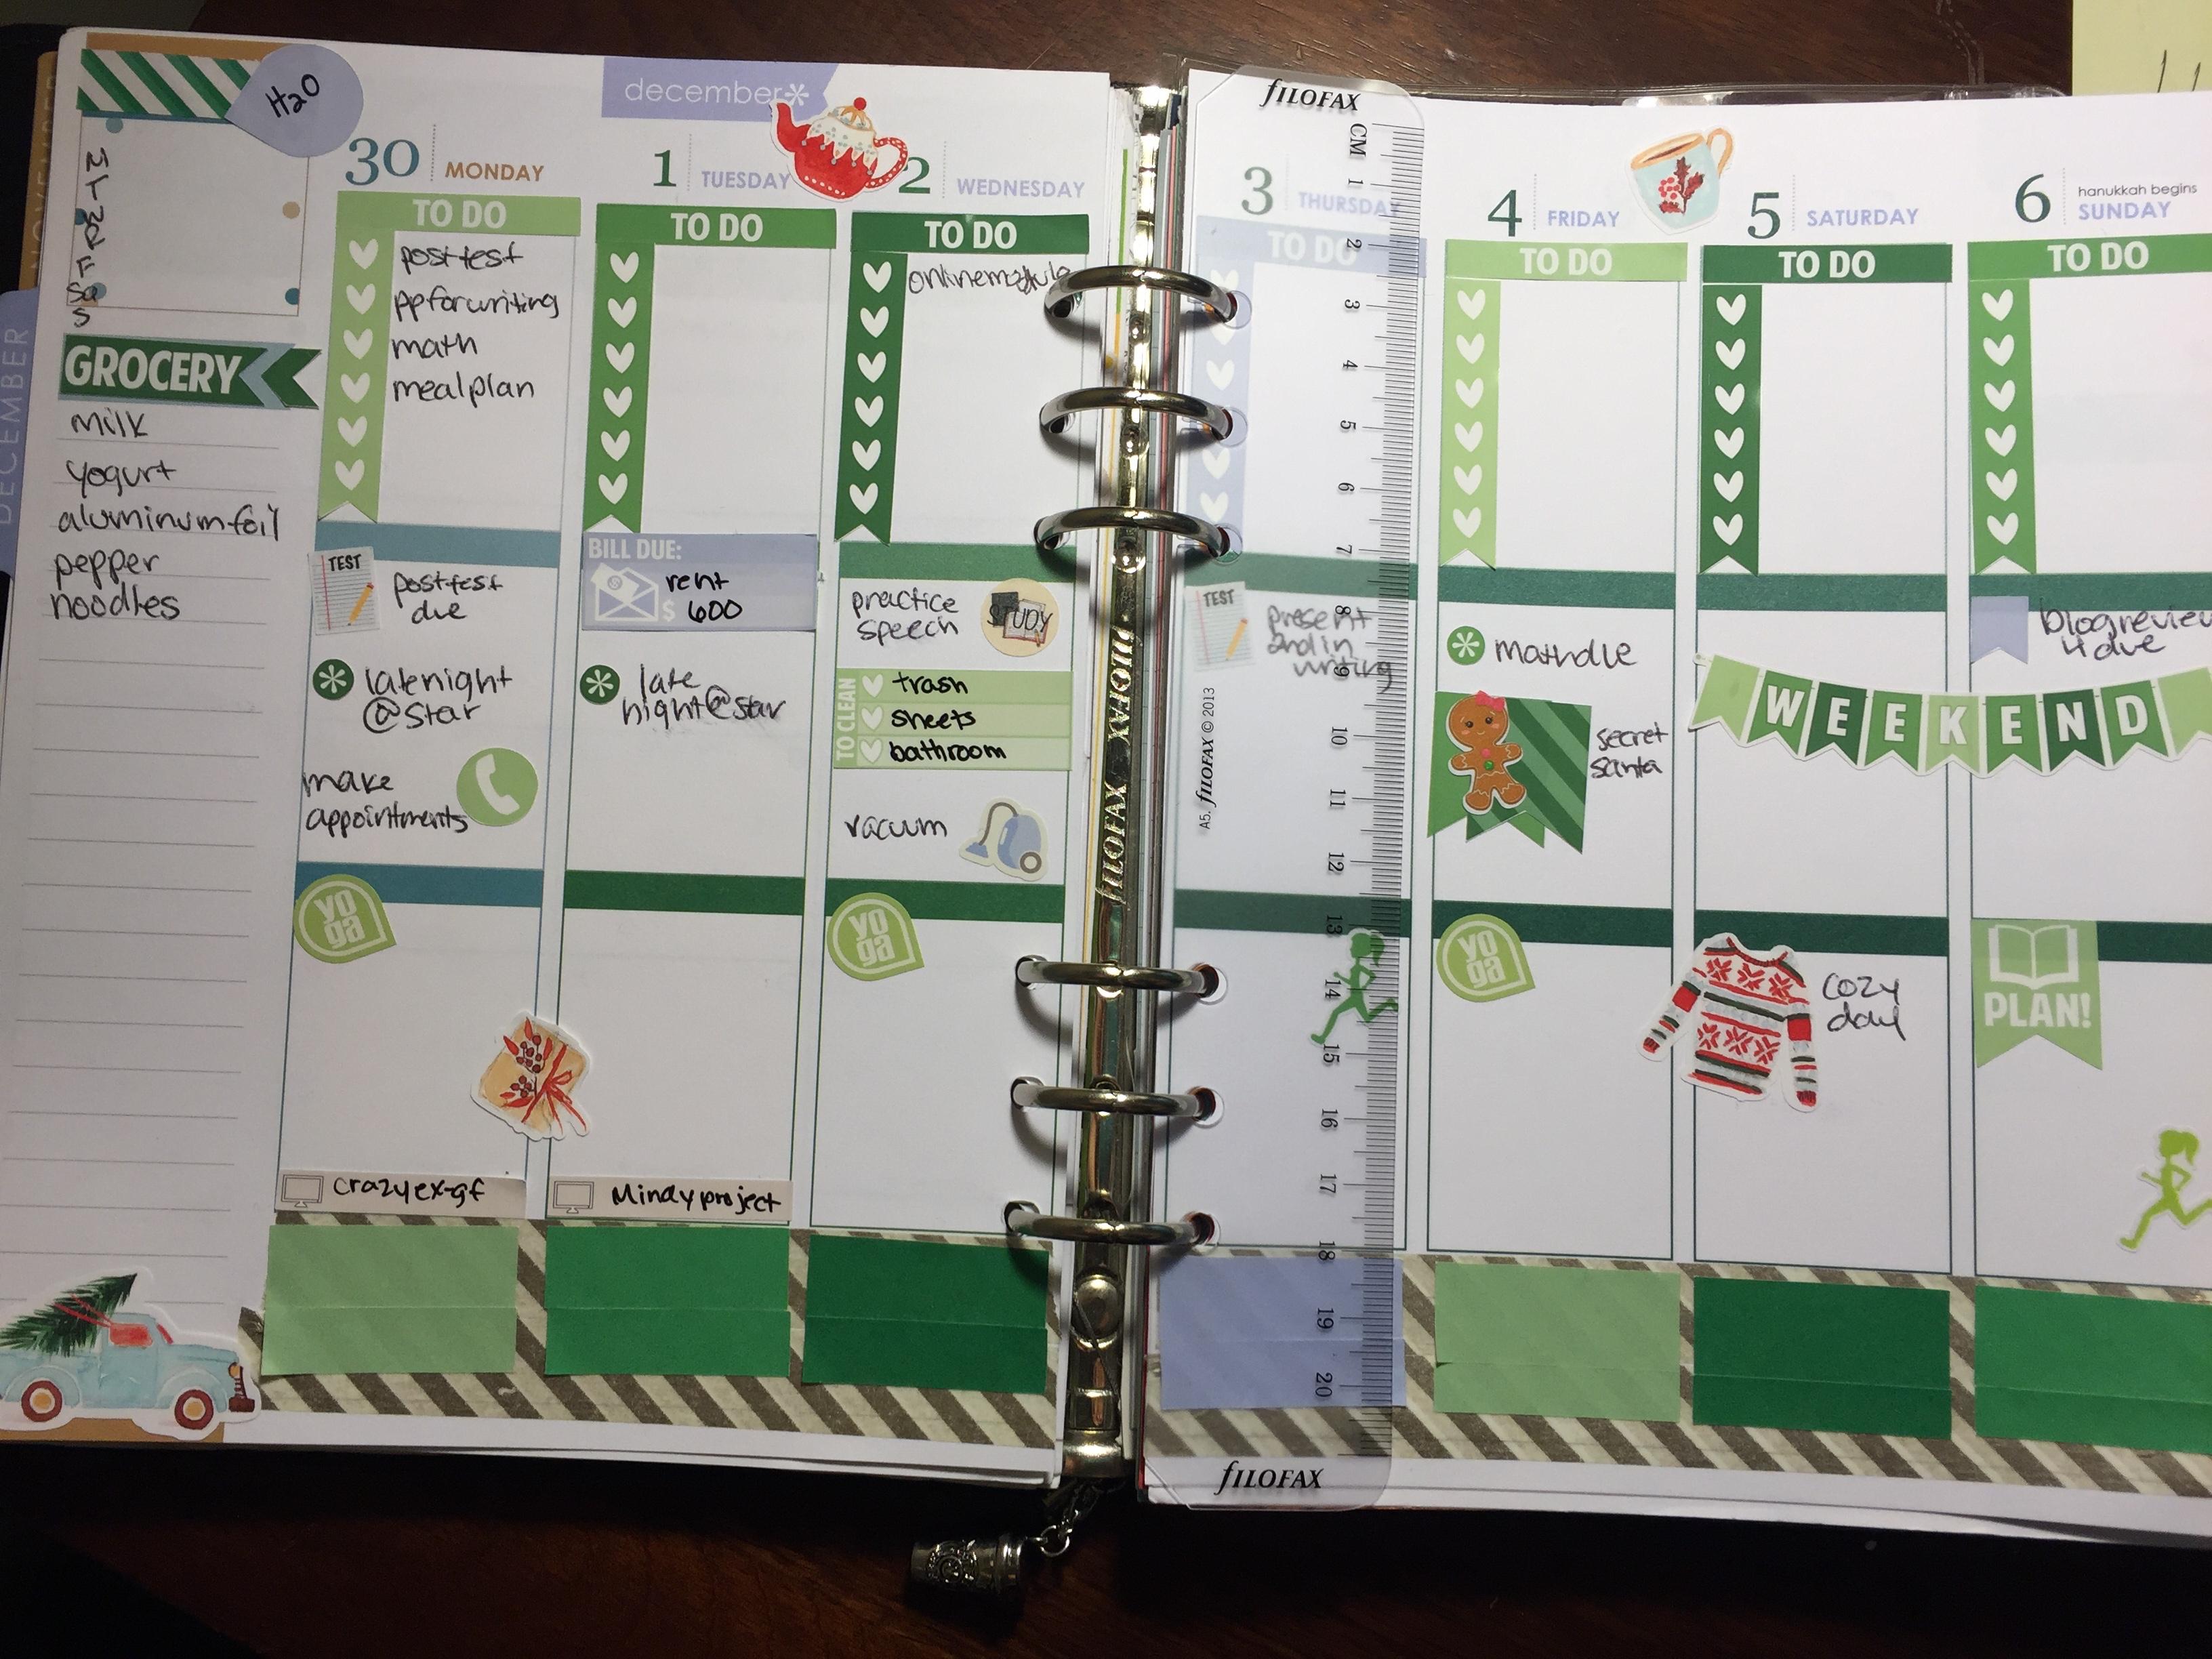 december week planned